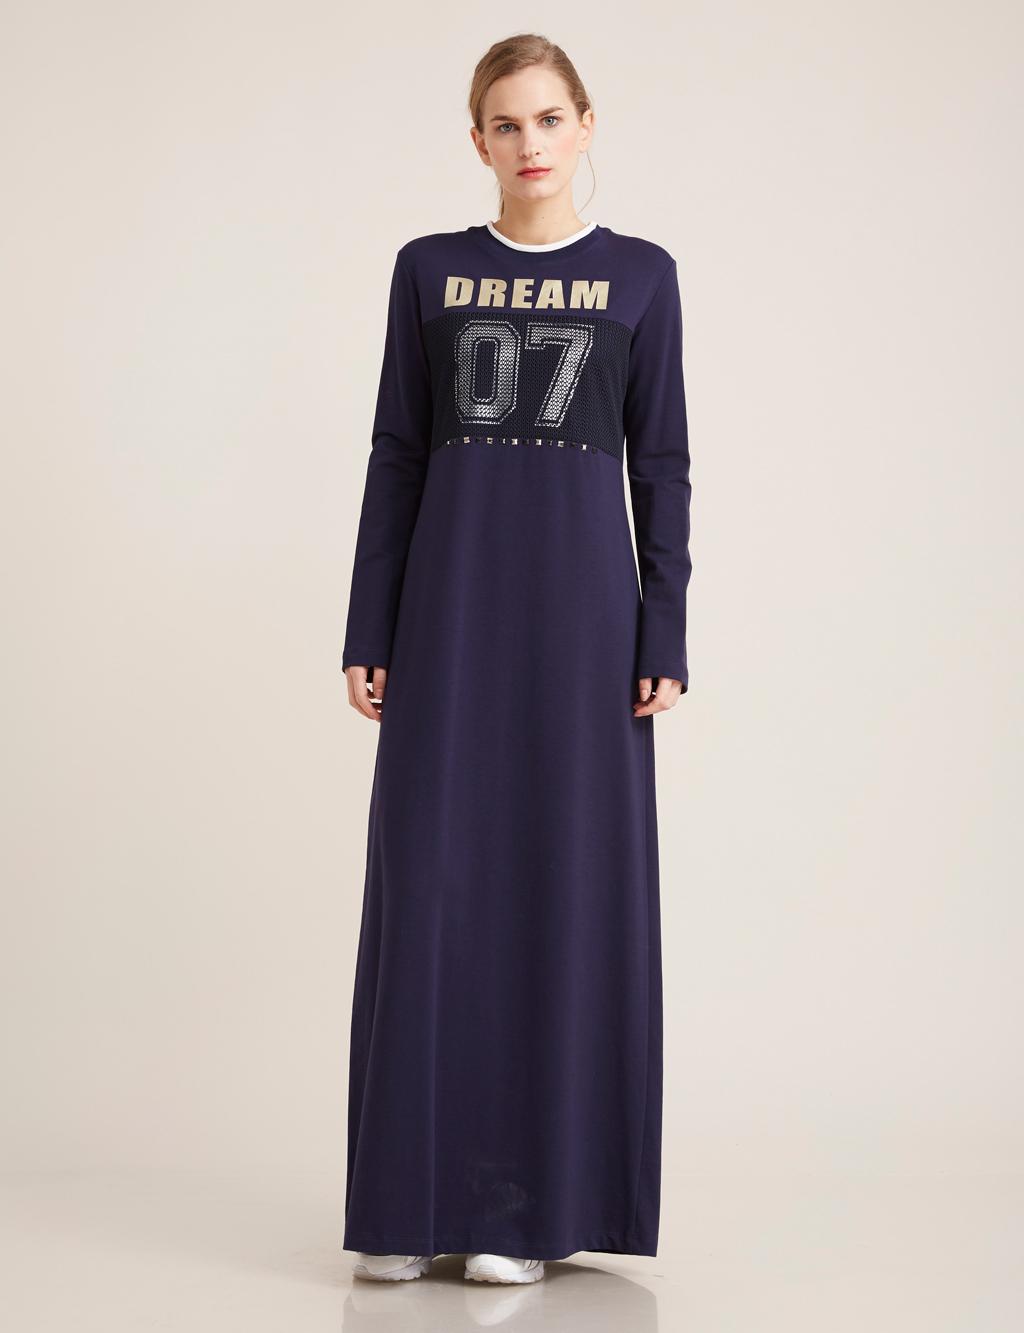 Kayra Giyim Baskılı Spor Elbise Lacivert